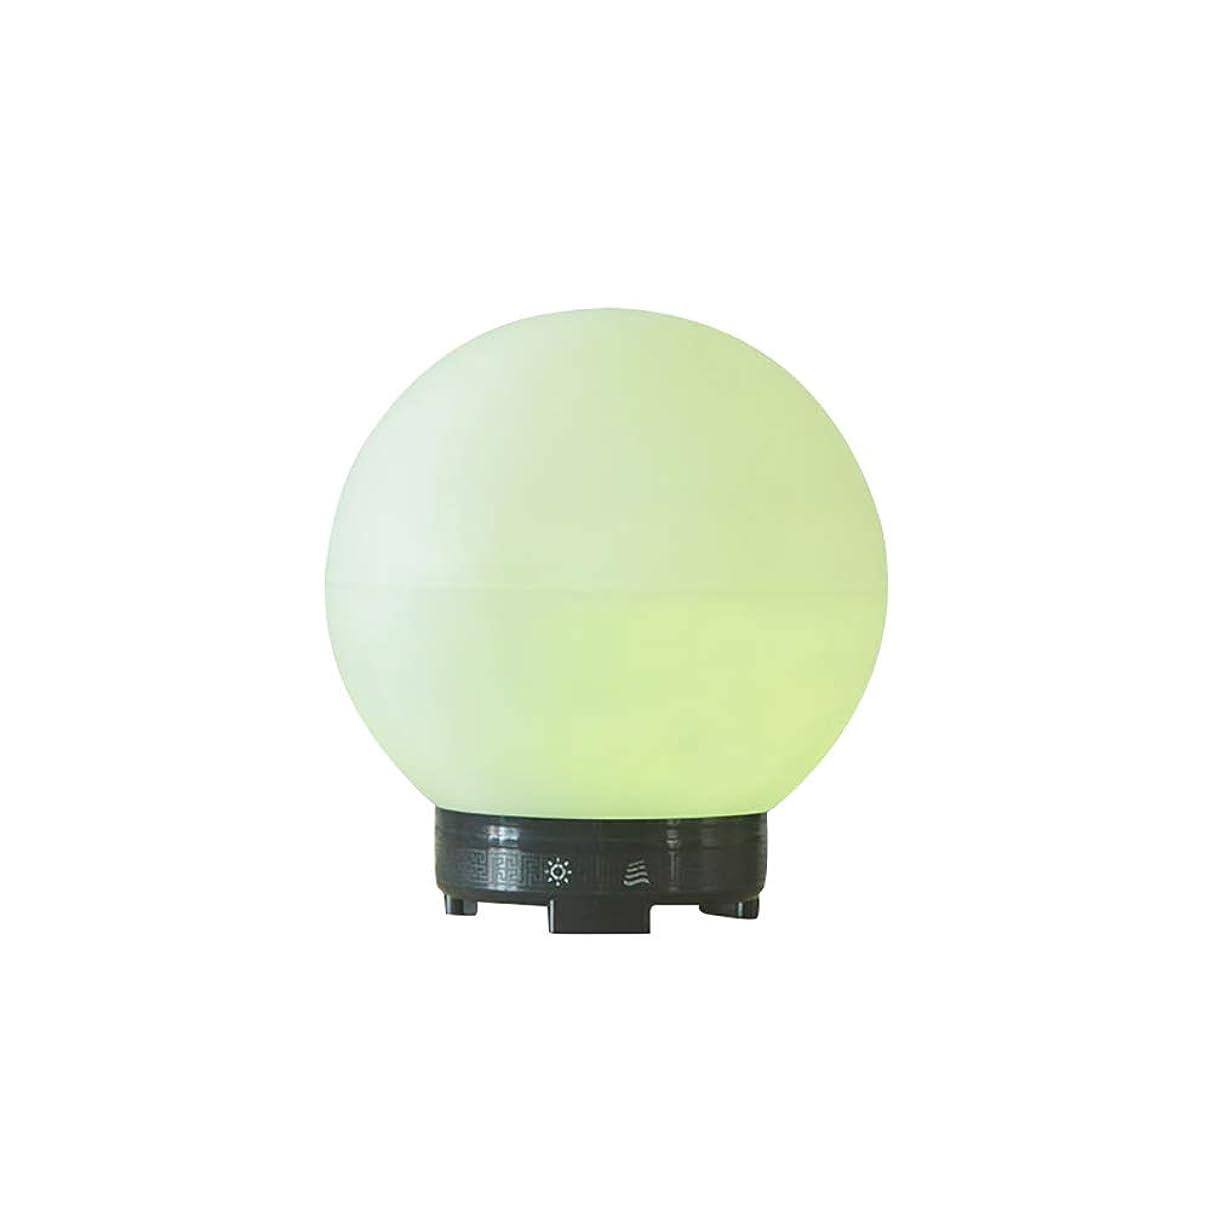 名声香り妻エッセンシャルオイルディフューザーと加湿器、ミストエッセンシャルオイルアロマ加湿器用の超音波アロマディフューザー、7色LEDライト